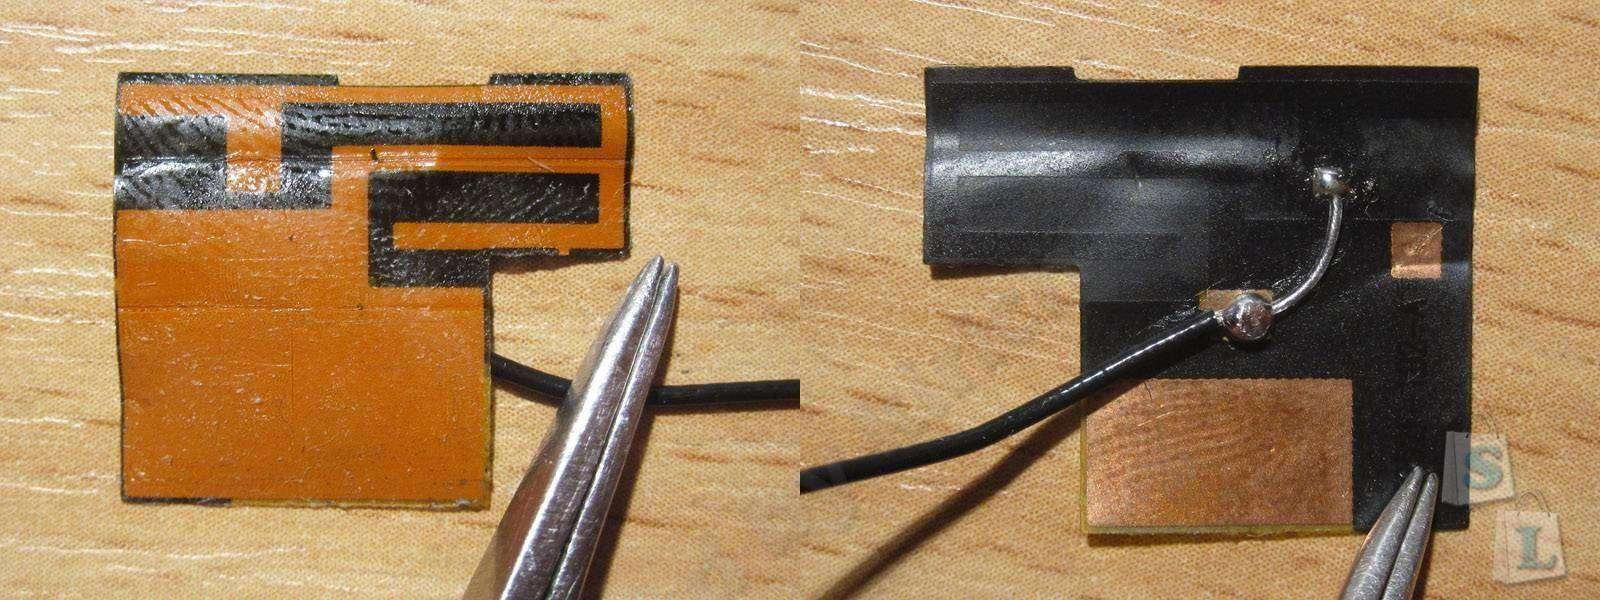 GearBest: Vensmile W10 -  ТВ бокс/мини компьютер, еще меньше, еще тоньше, еще легче